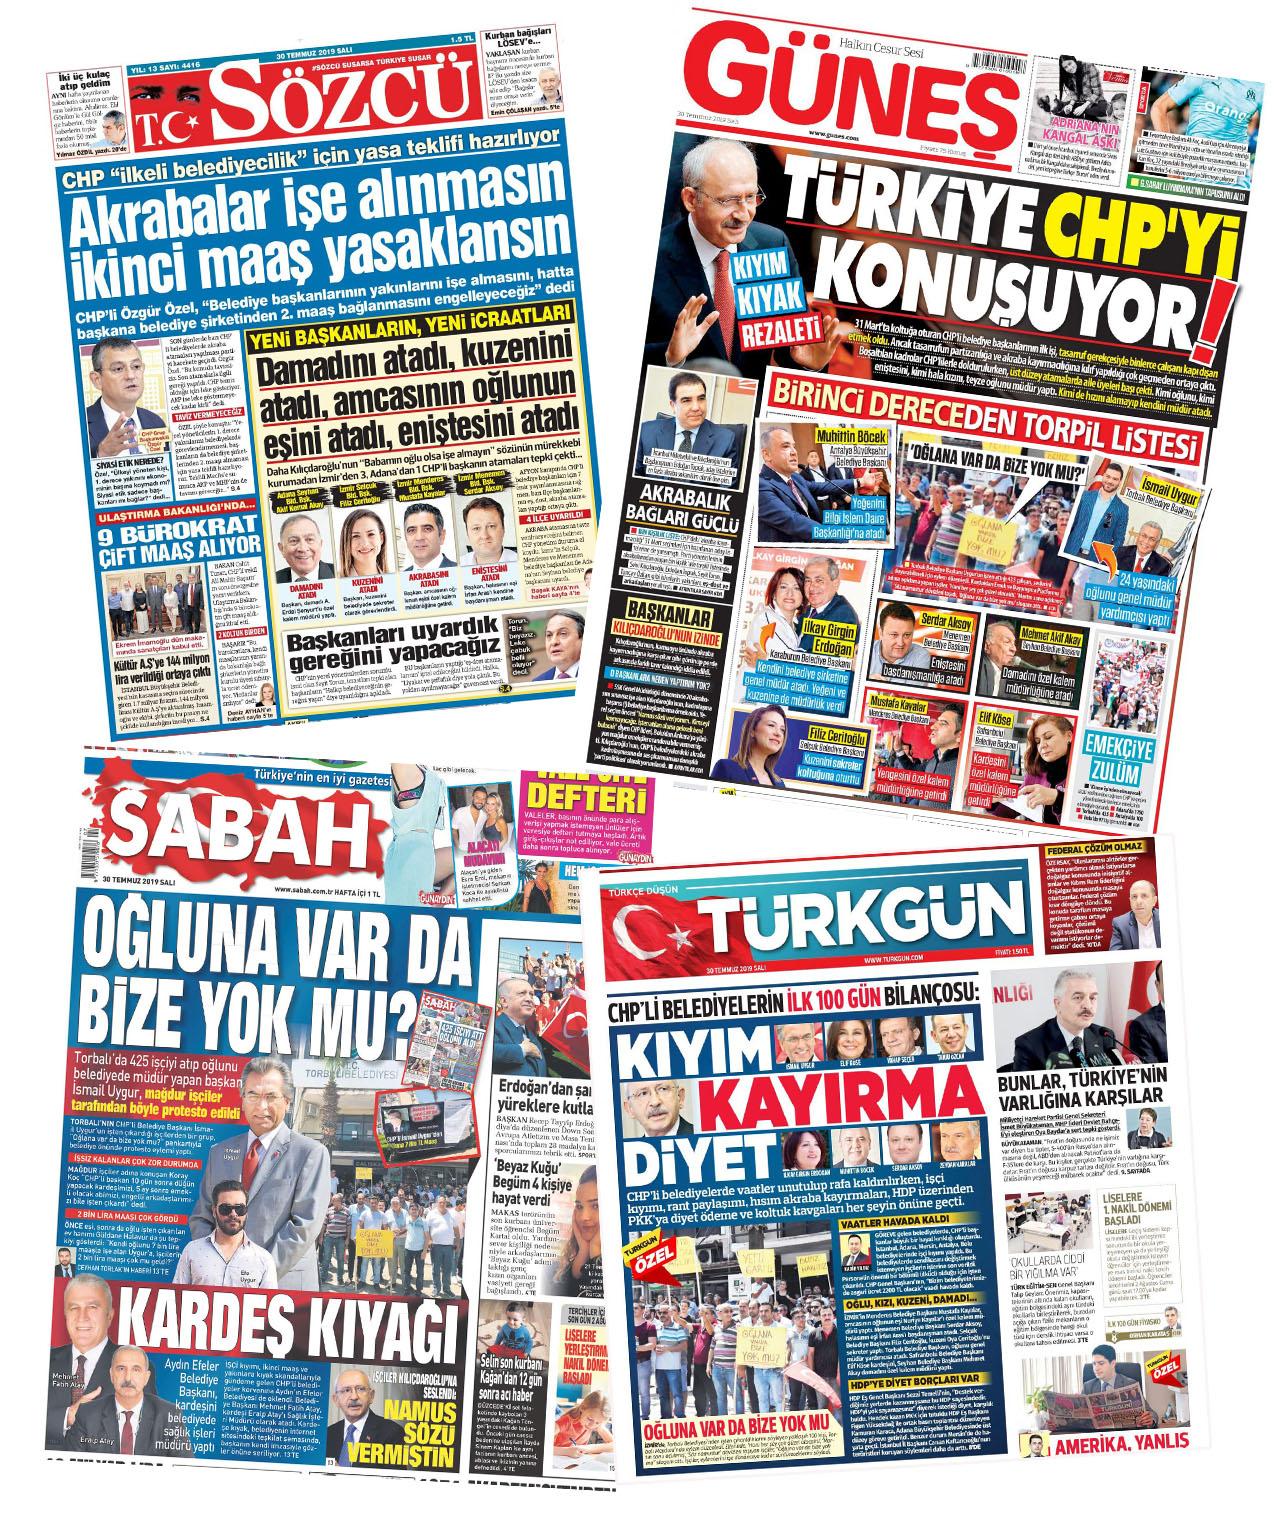 Türkiye CHP'yi konuşuyor! Damat, oğlan, kuzen, yeğen...